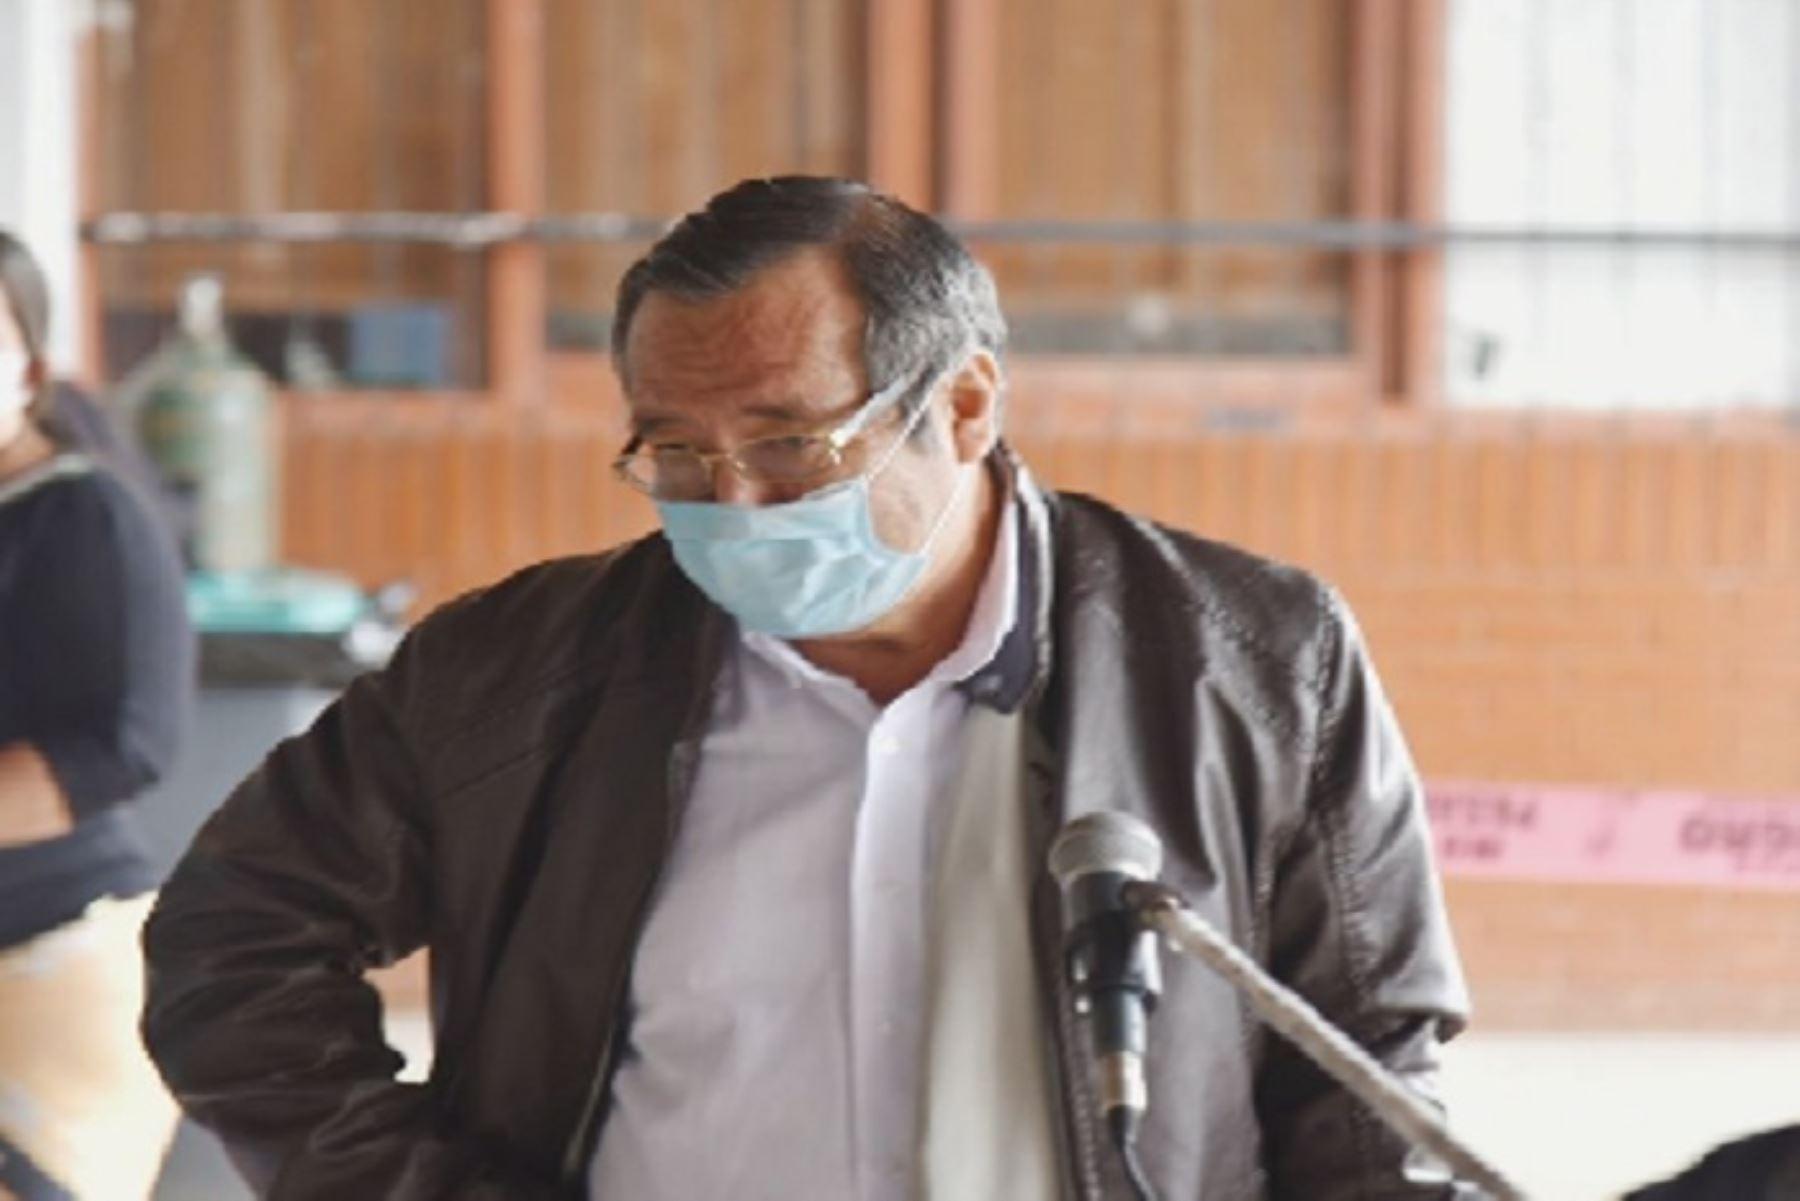 El gobernador de Madre de Dios, Luis Hidalgo, informó que anteriormente se había hecho dos pruebas rápidas y una molecular que salieron negativas.